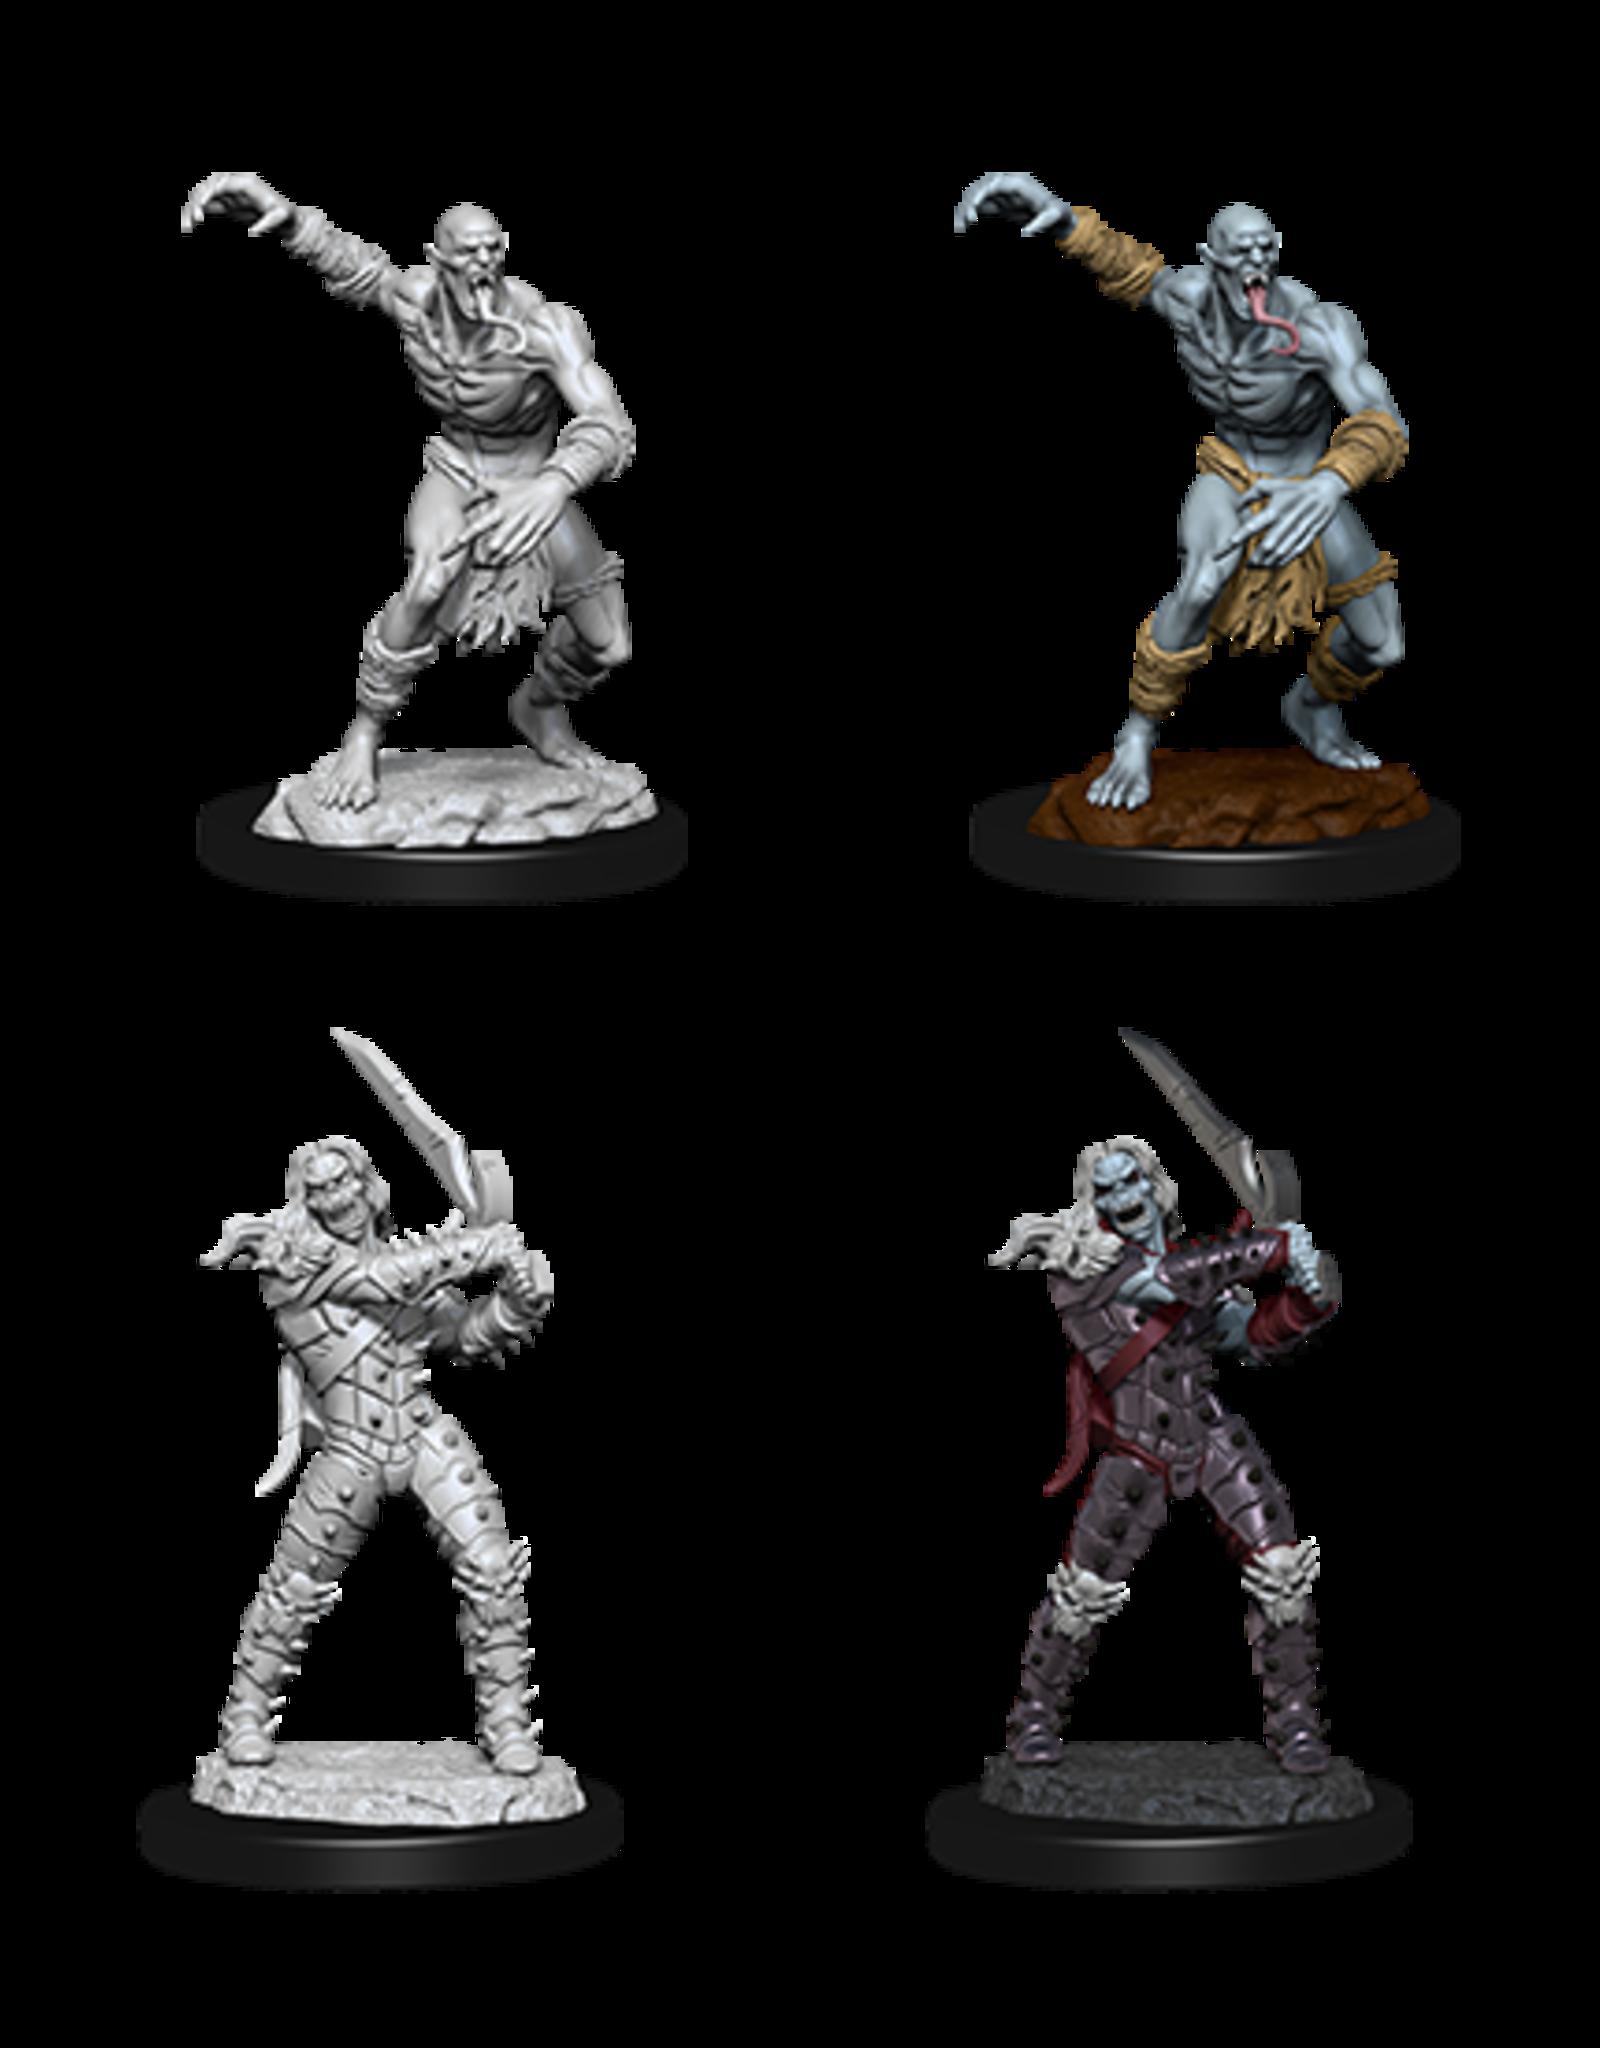 Nolzur's Marvelous Miniatures D&D D&D NMU - Wight & Ghast